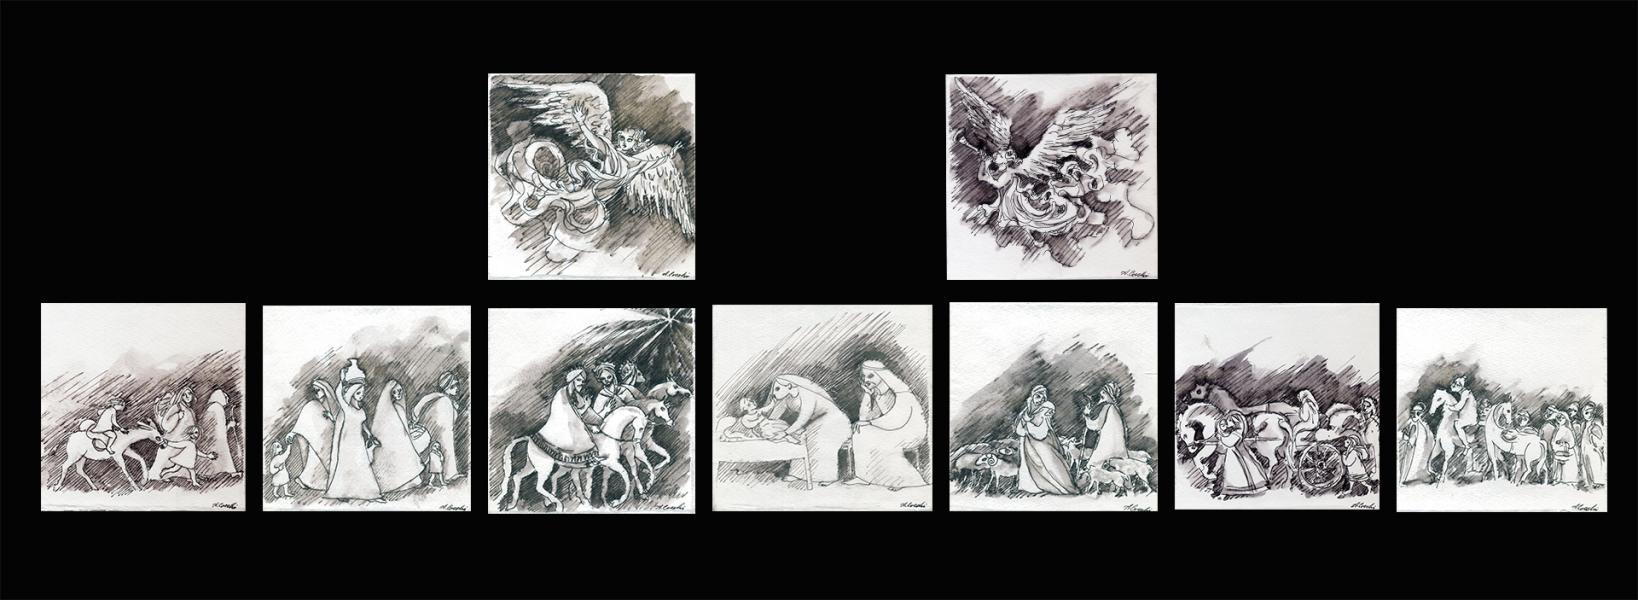 Presepe. 2004. Composizione d'insieme. Serie di nove miniature. China su carta Copyright © A. Cocchi 2004